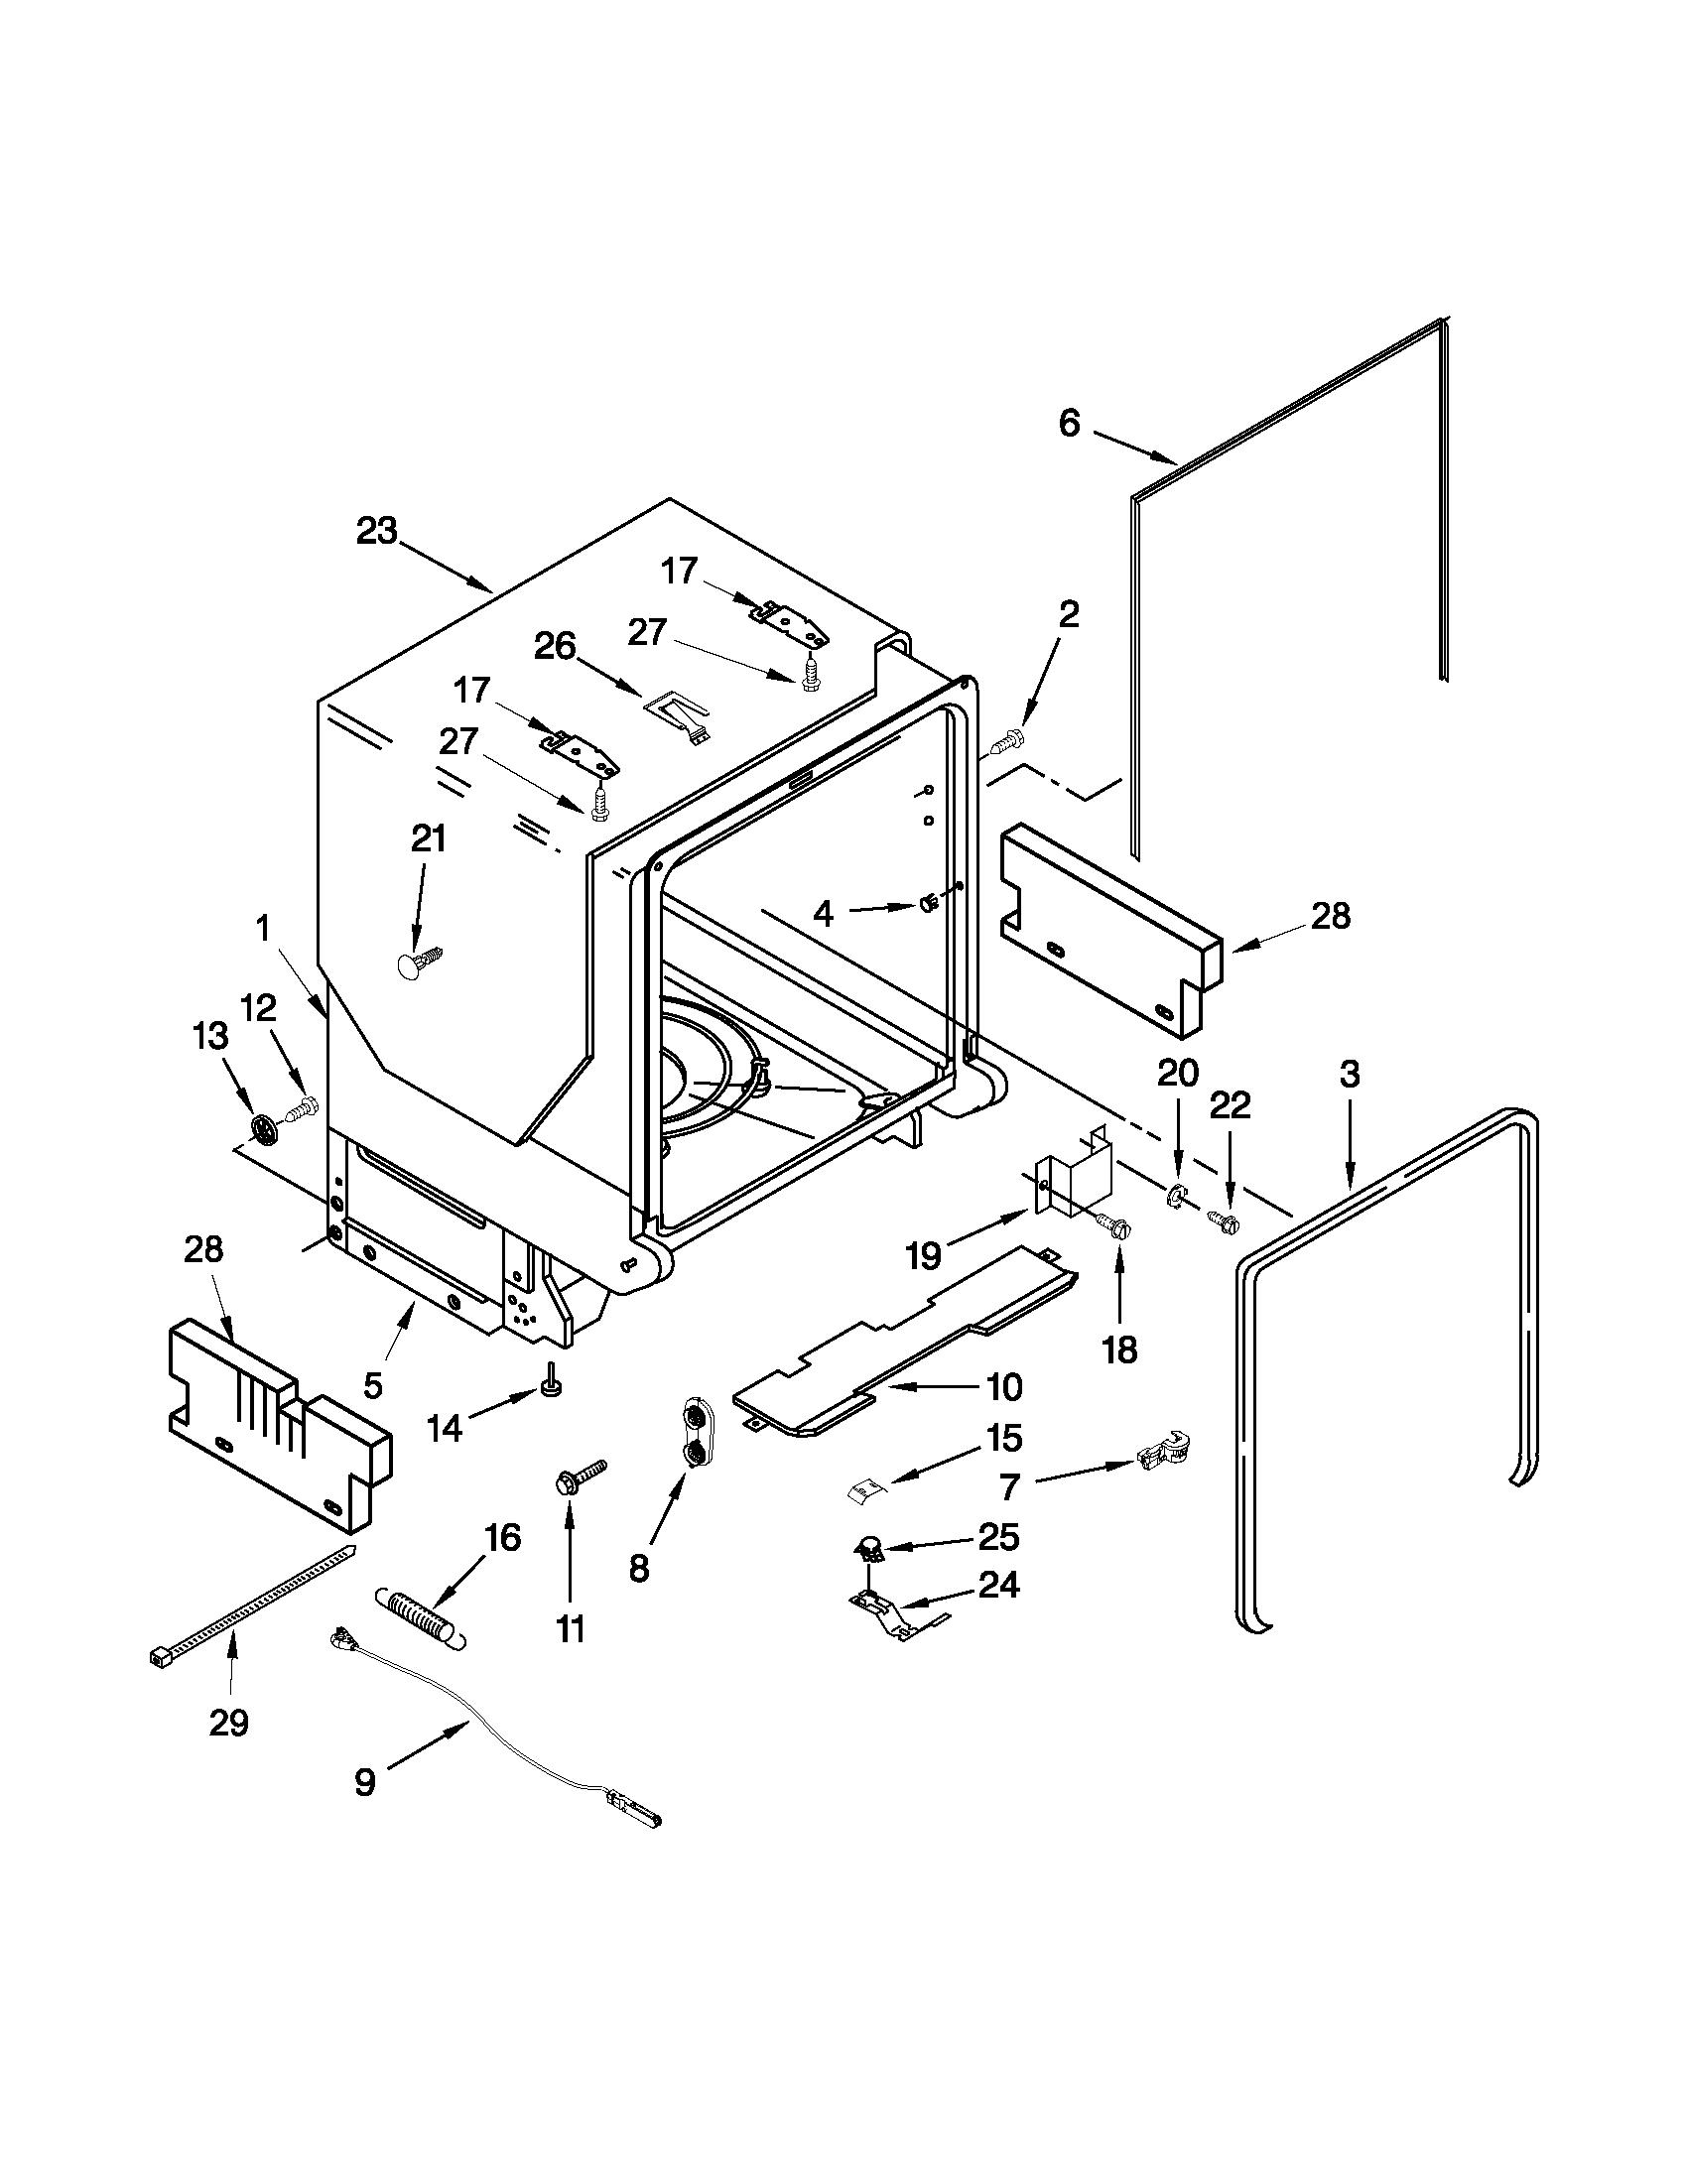 Jenn air undercounter dishwasher parts model jdb3650awr4 sears